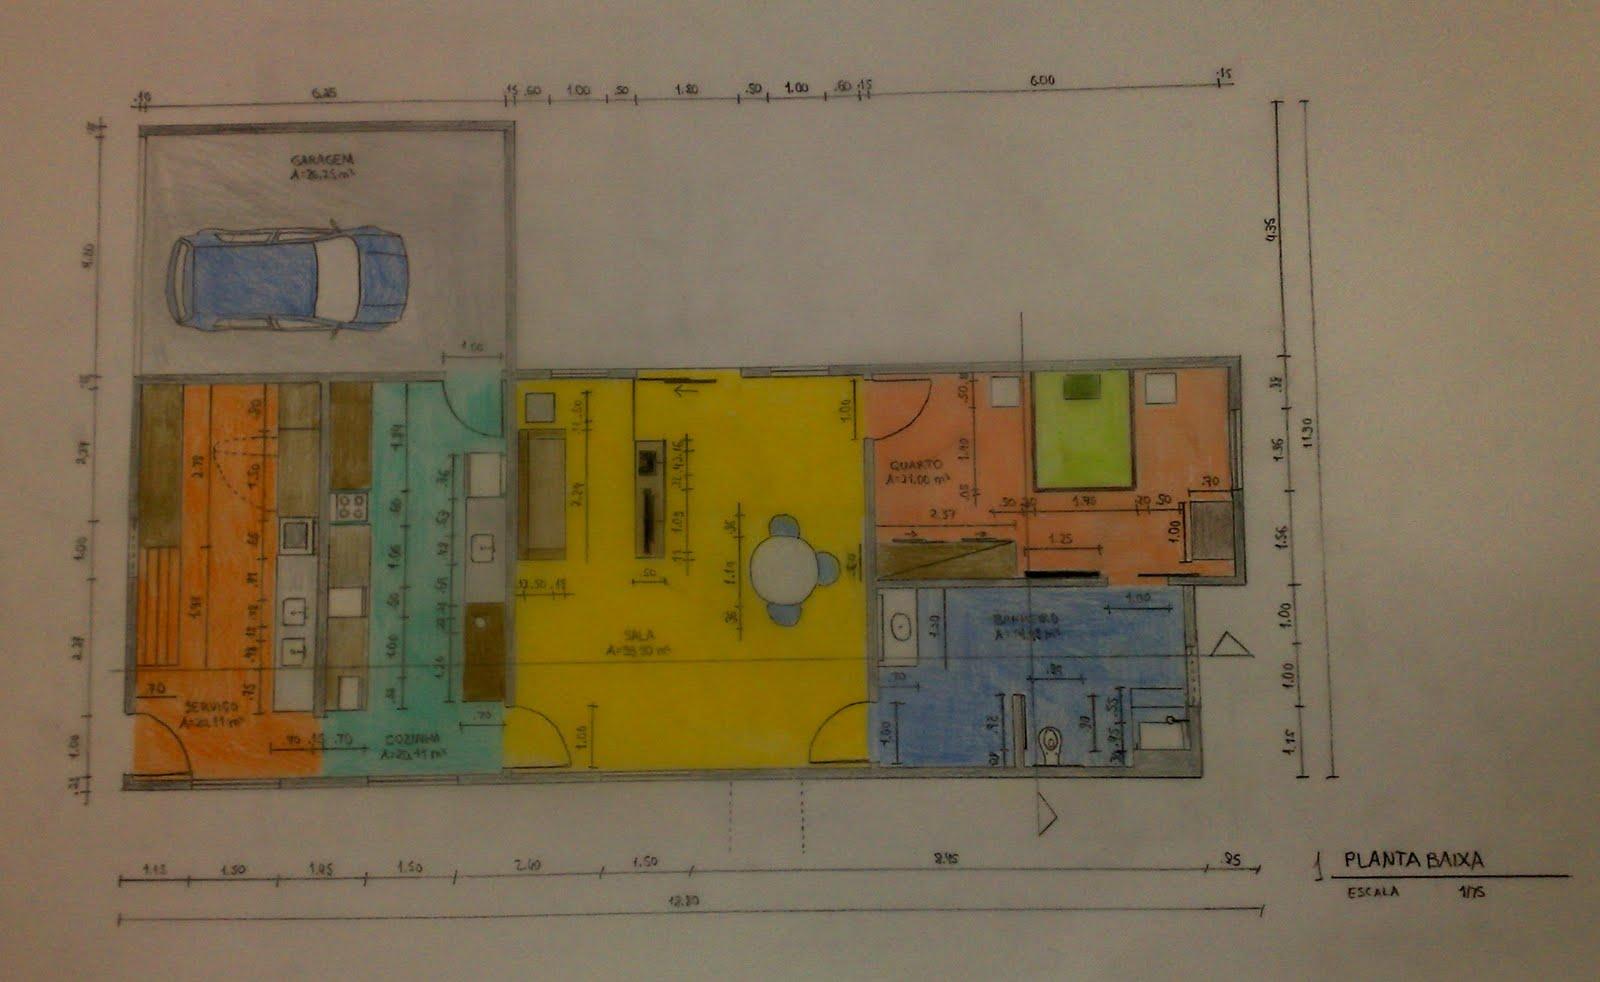 Planta da casa mostrando os comodos e toda a preocupação na melhor  #6F4B22 1600x982 Banheiro Acessivel Planta Baixa